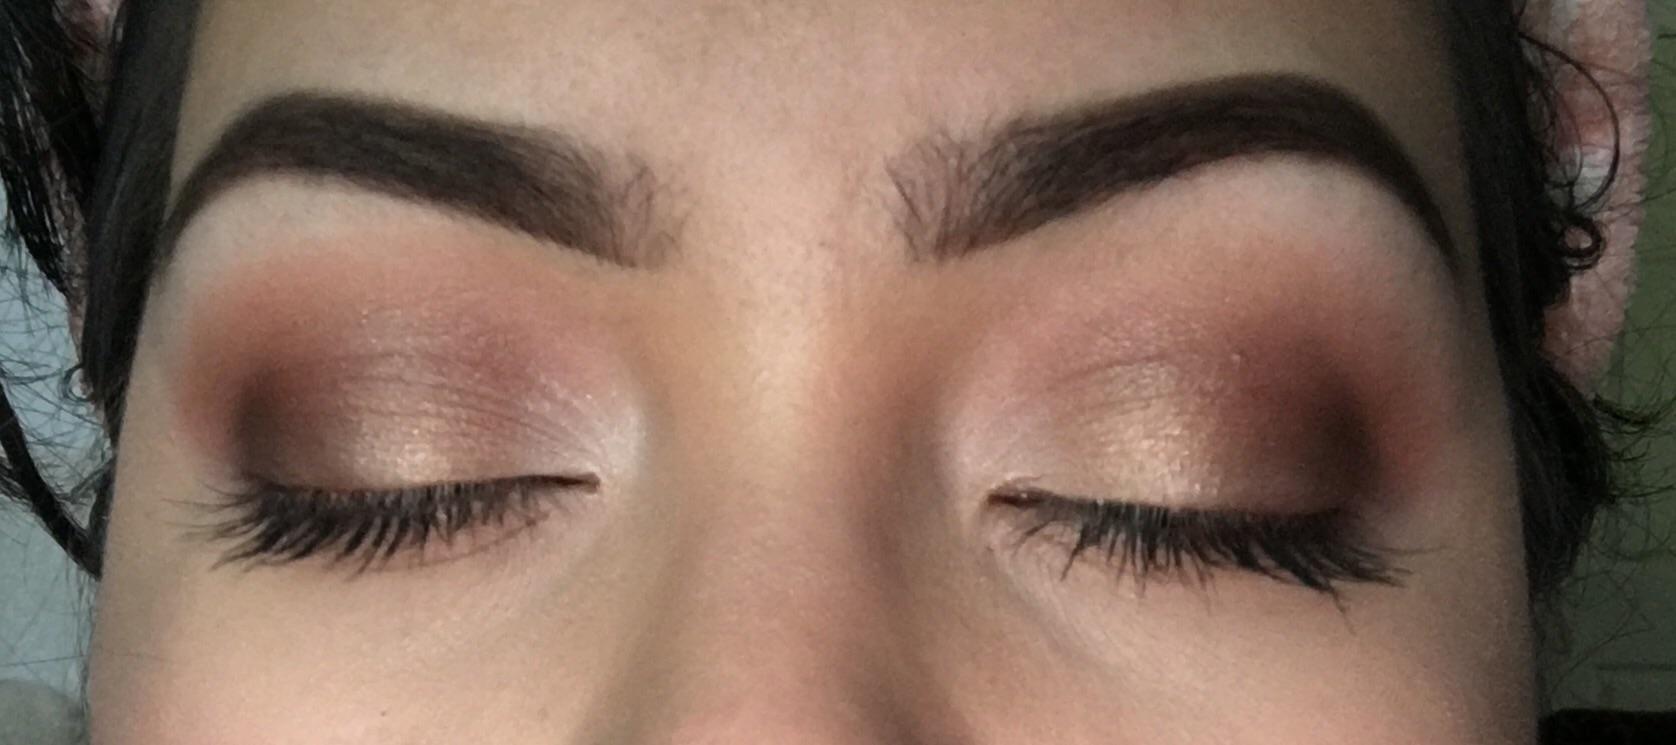 created an eye look